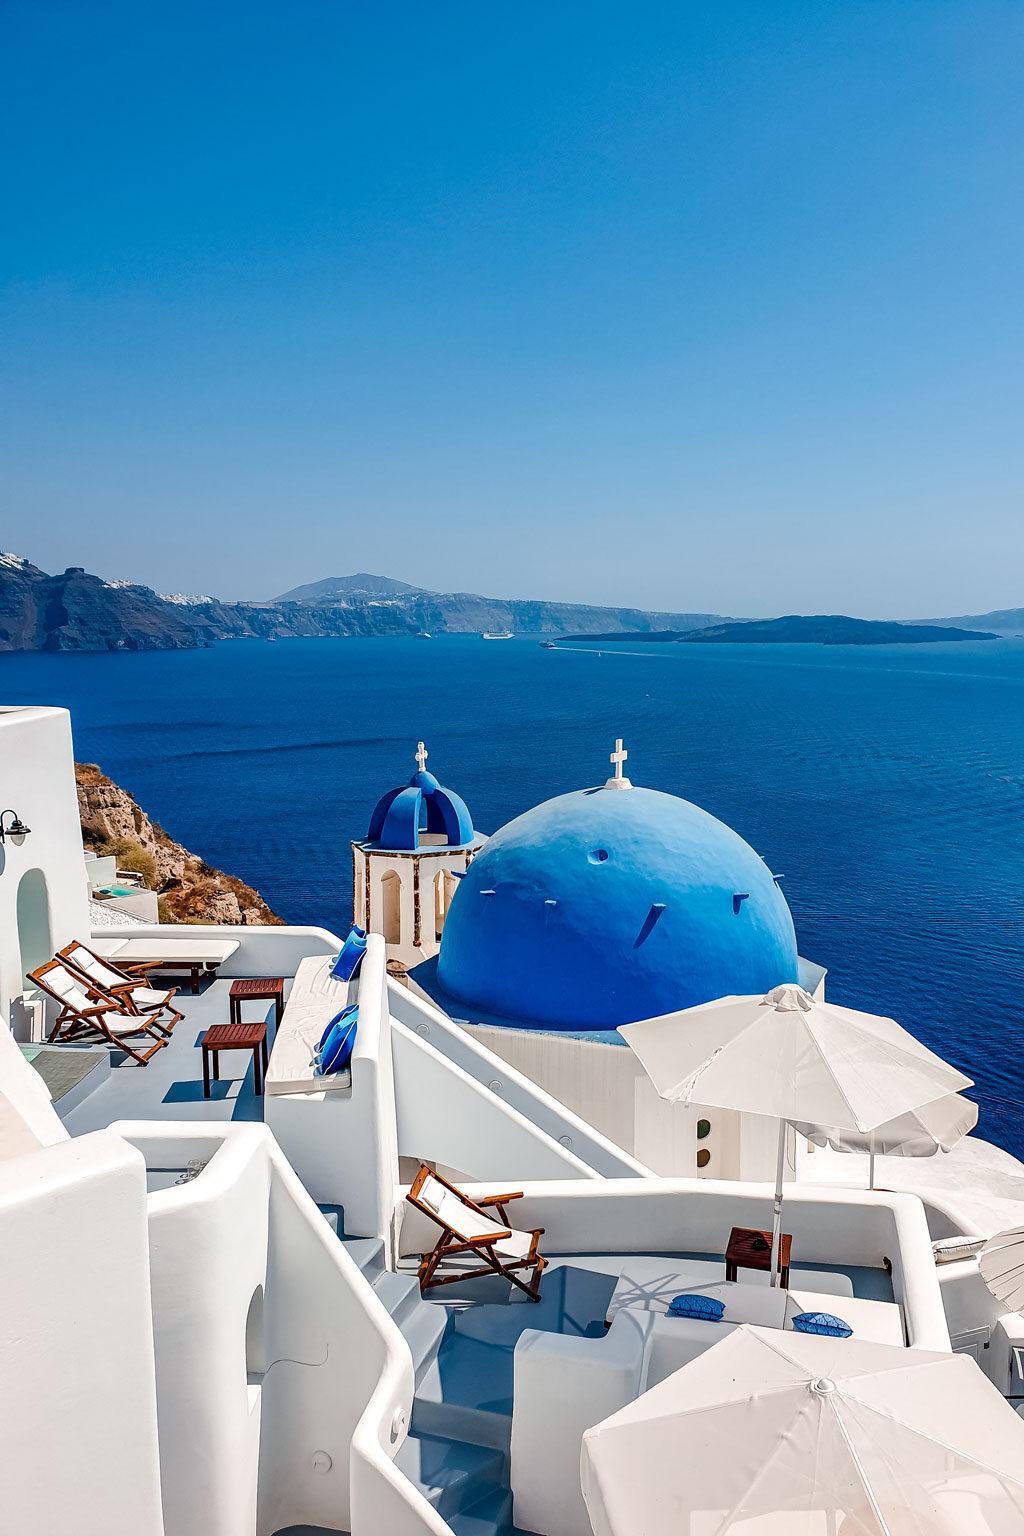 Blue Dome Churches in Oia Santorini